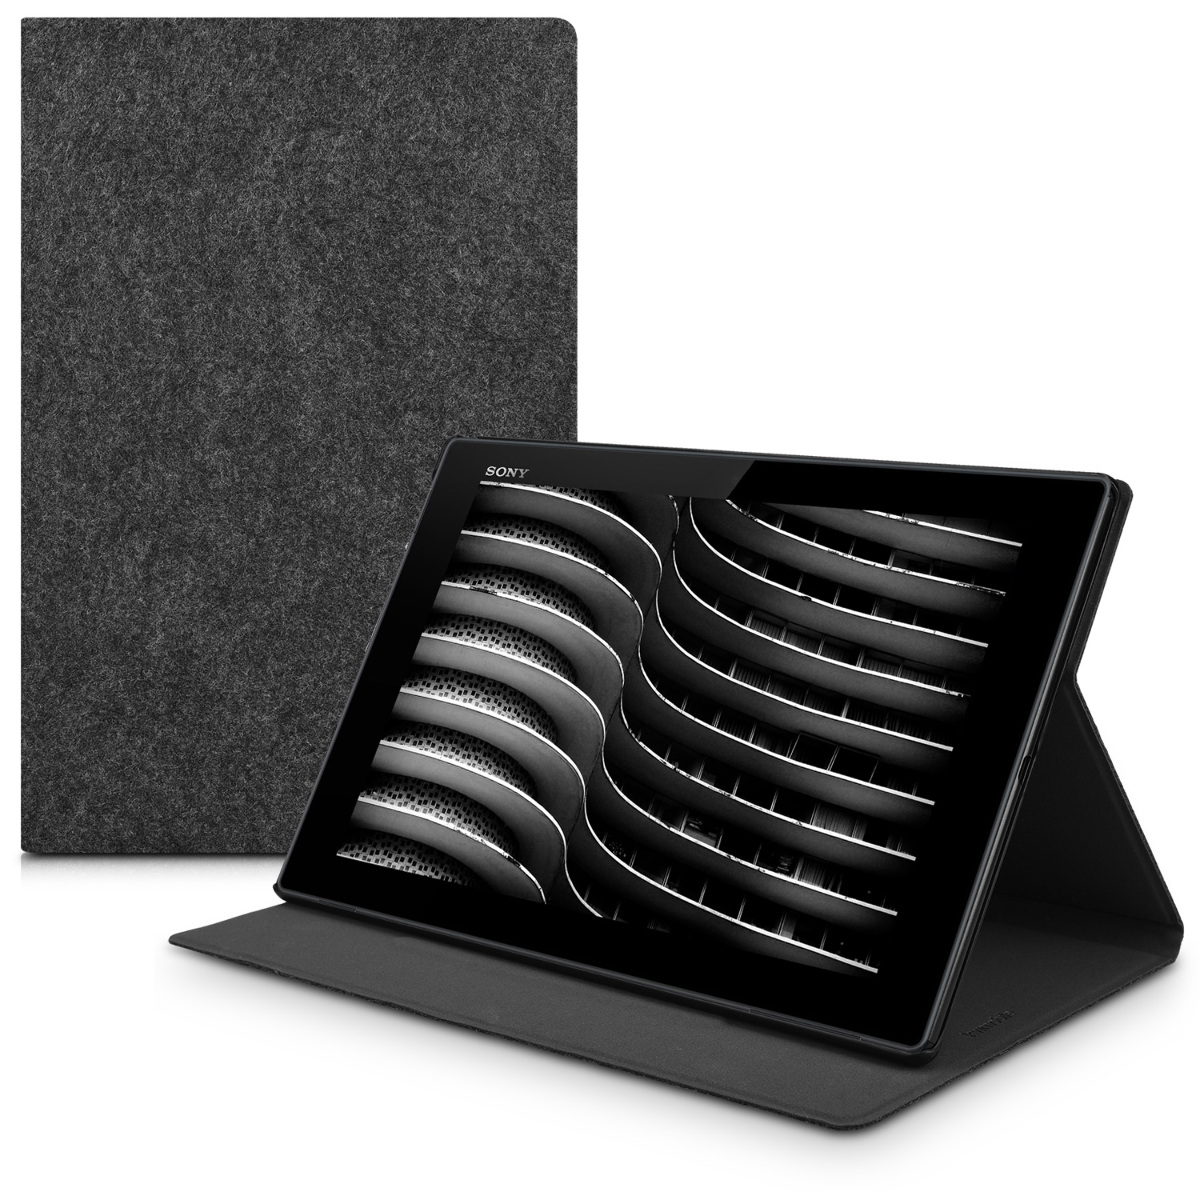 KW Θήκη Slim Sony Xperia Z4 - Σκούρο γκρι (42194.19)